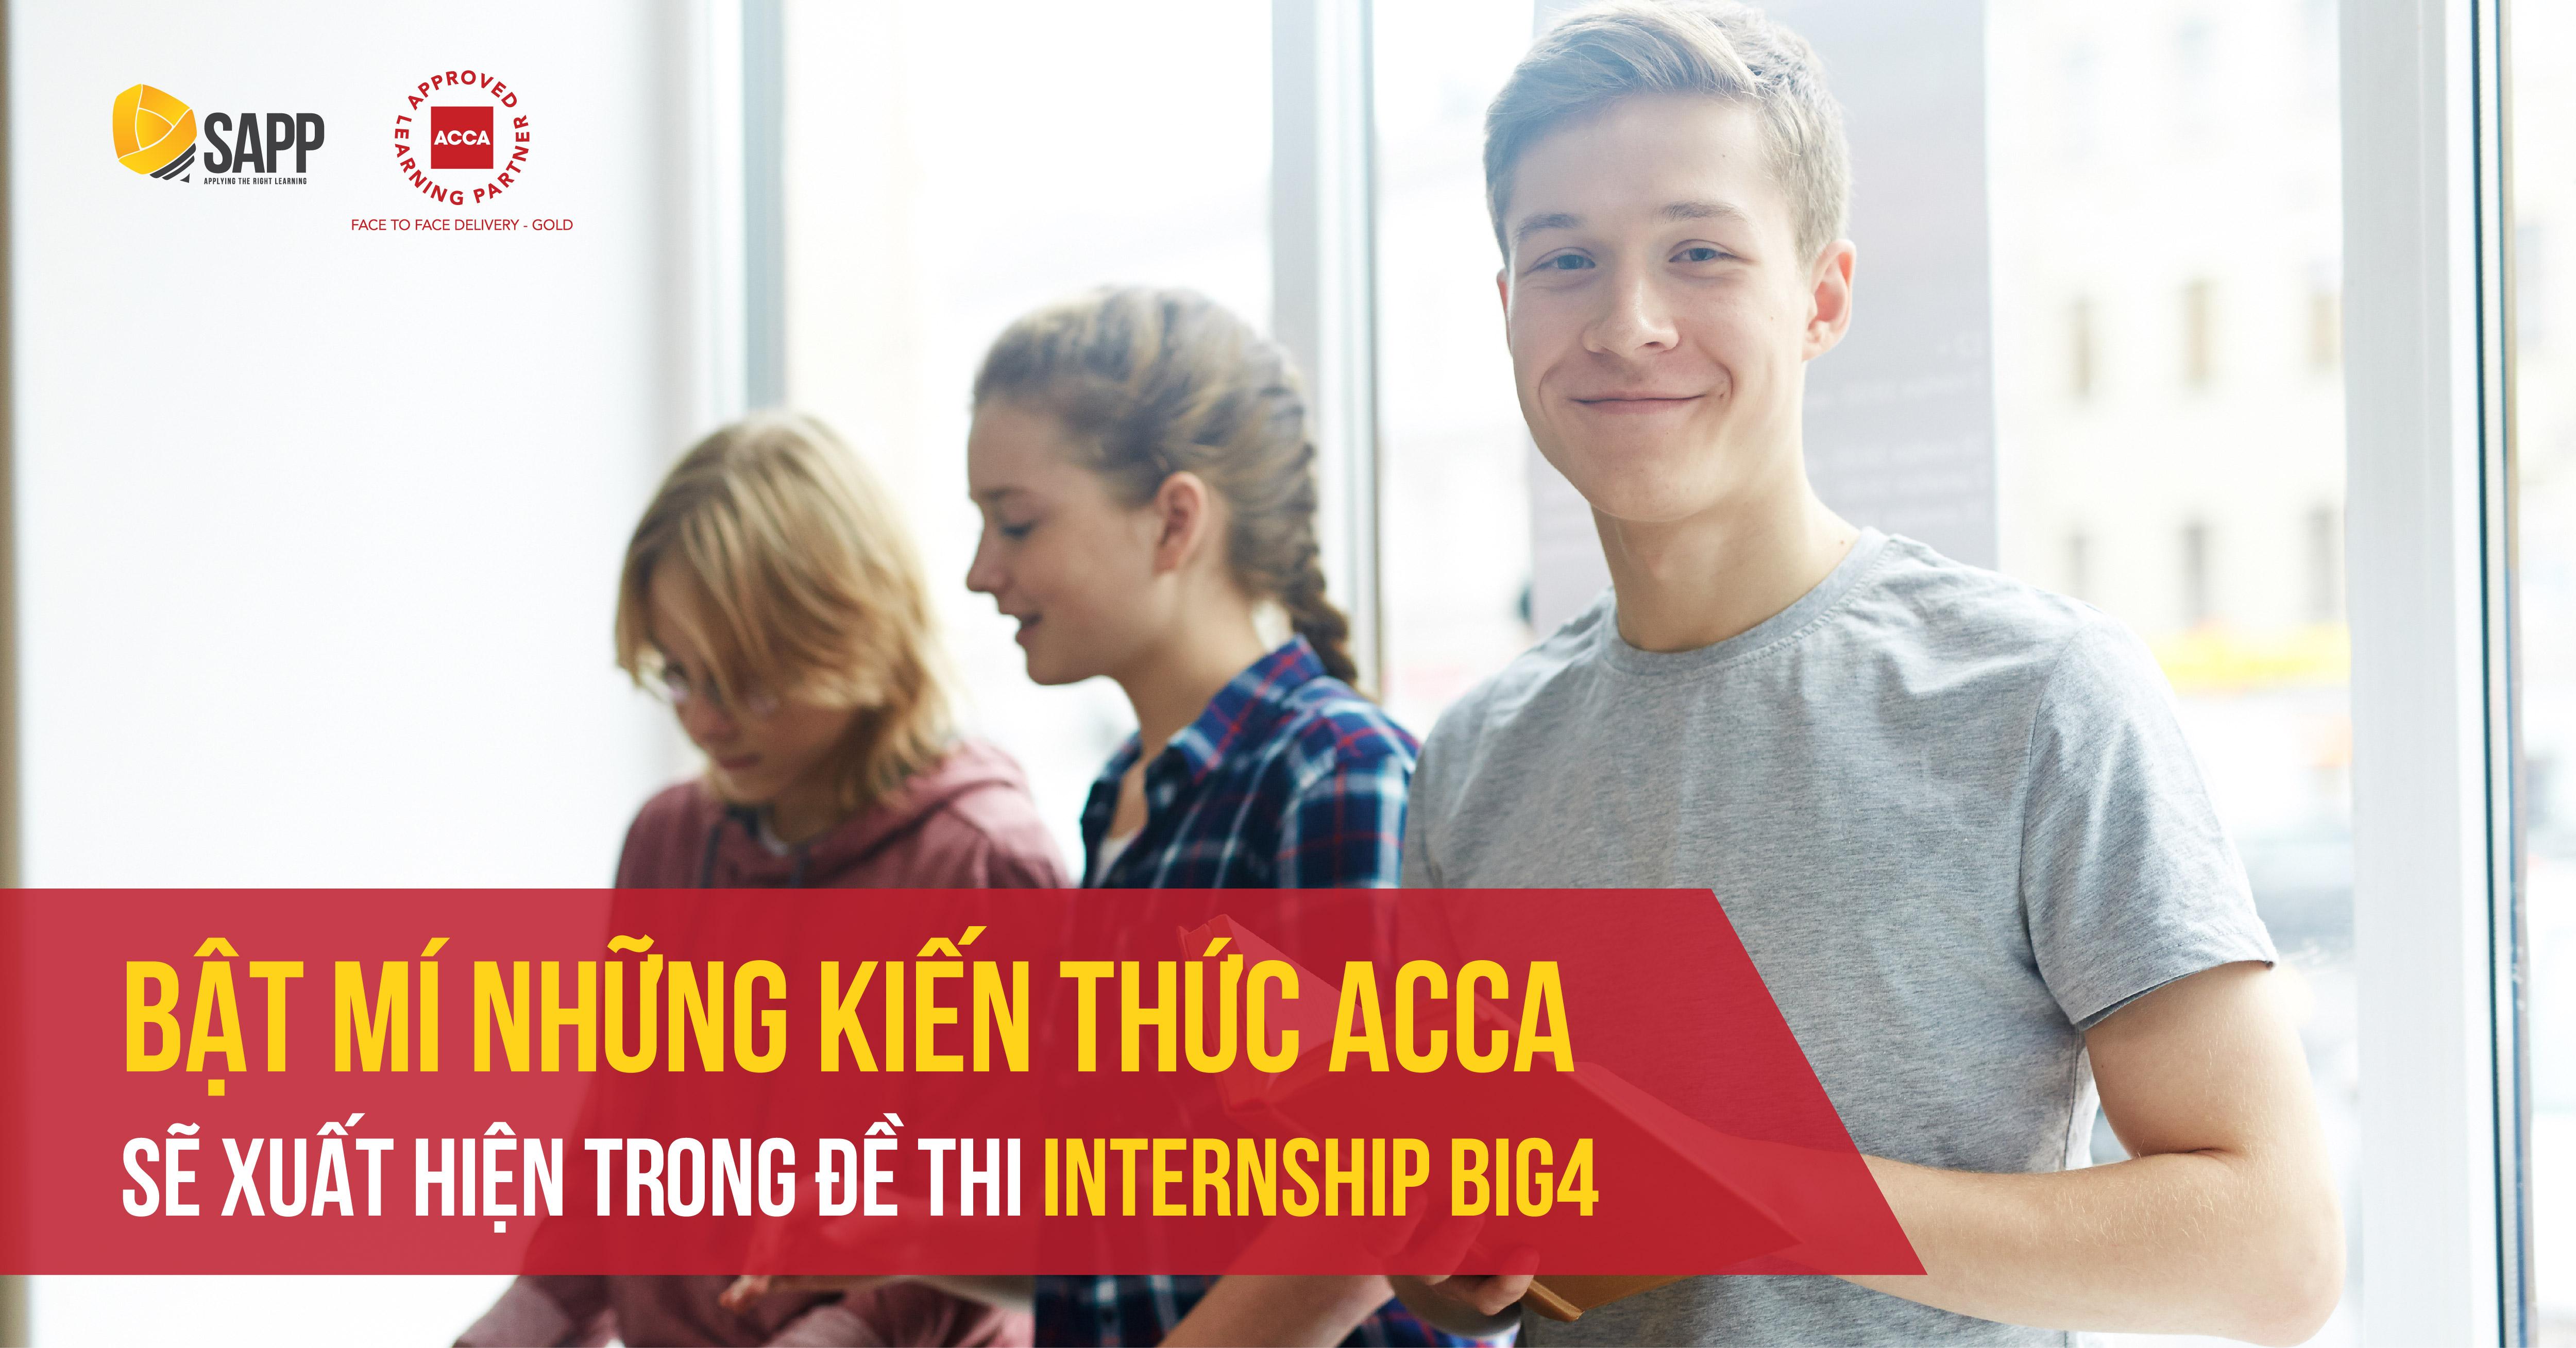 Bật mí những kiến thức ACCA sẽ xuất hiện trong đề thi Internship BIG4